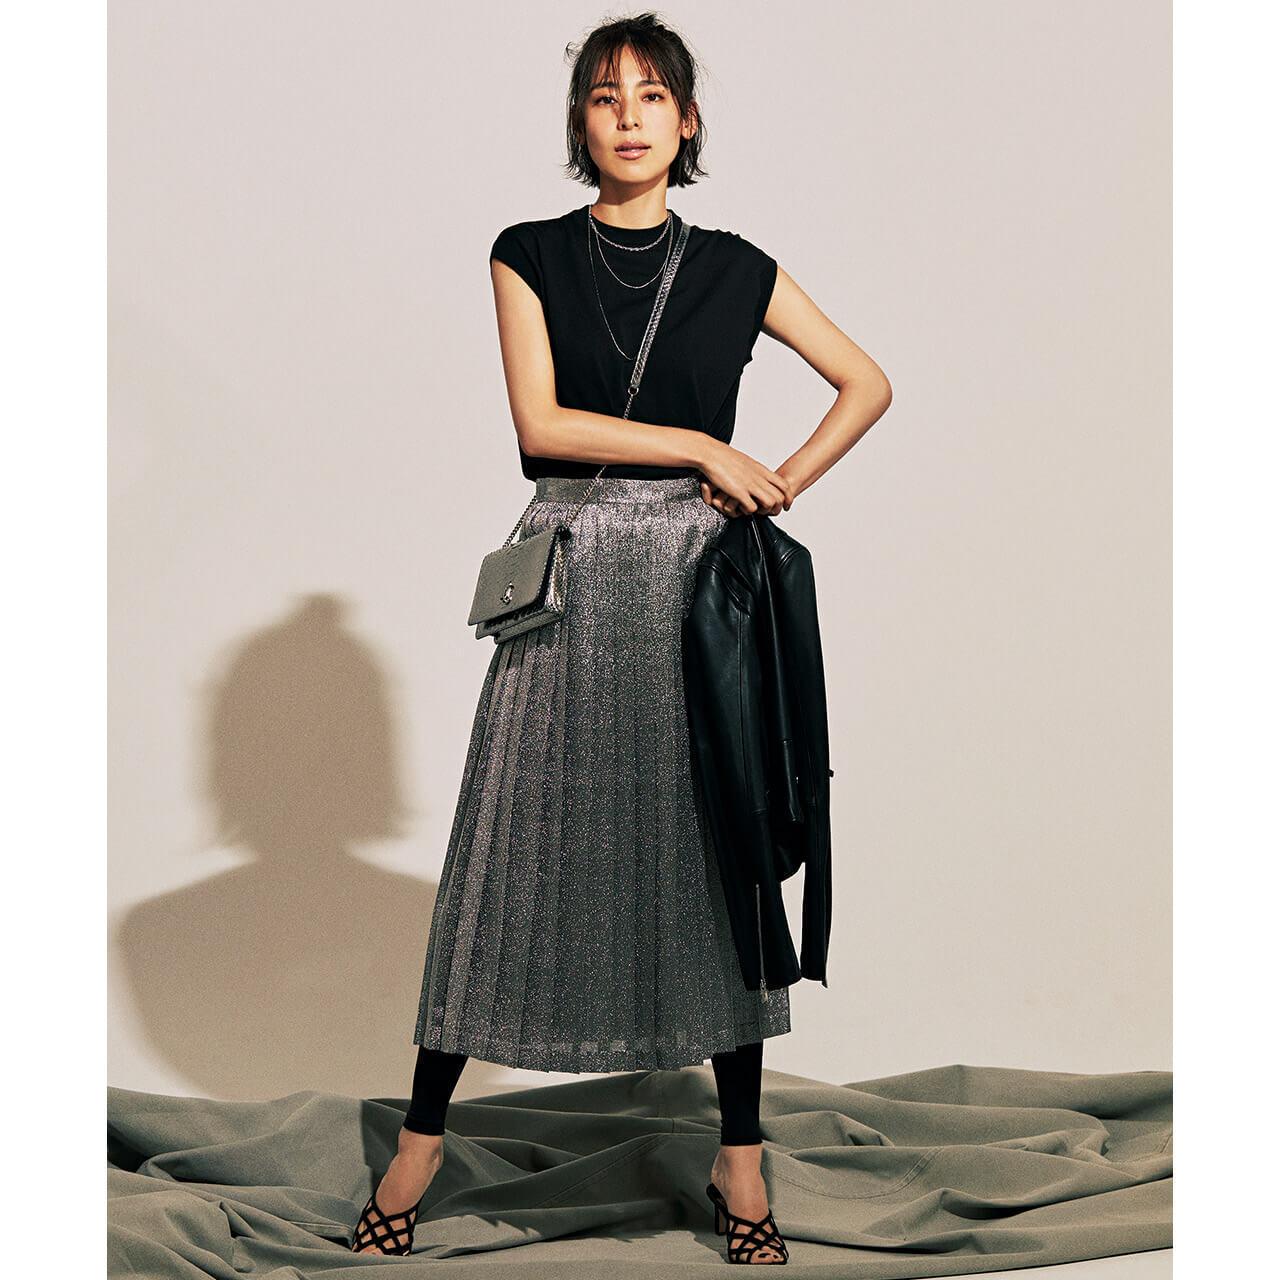 ■黒ニット×シルバーのプリーツスカート×レギンスコーデ